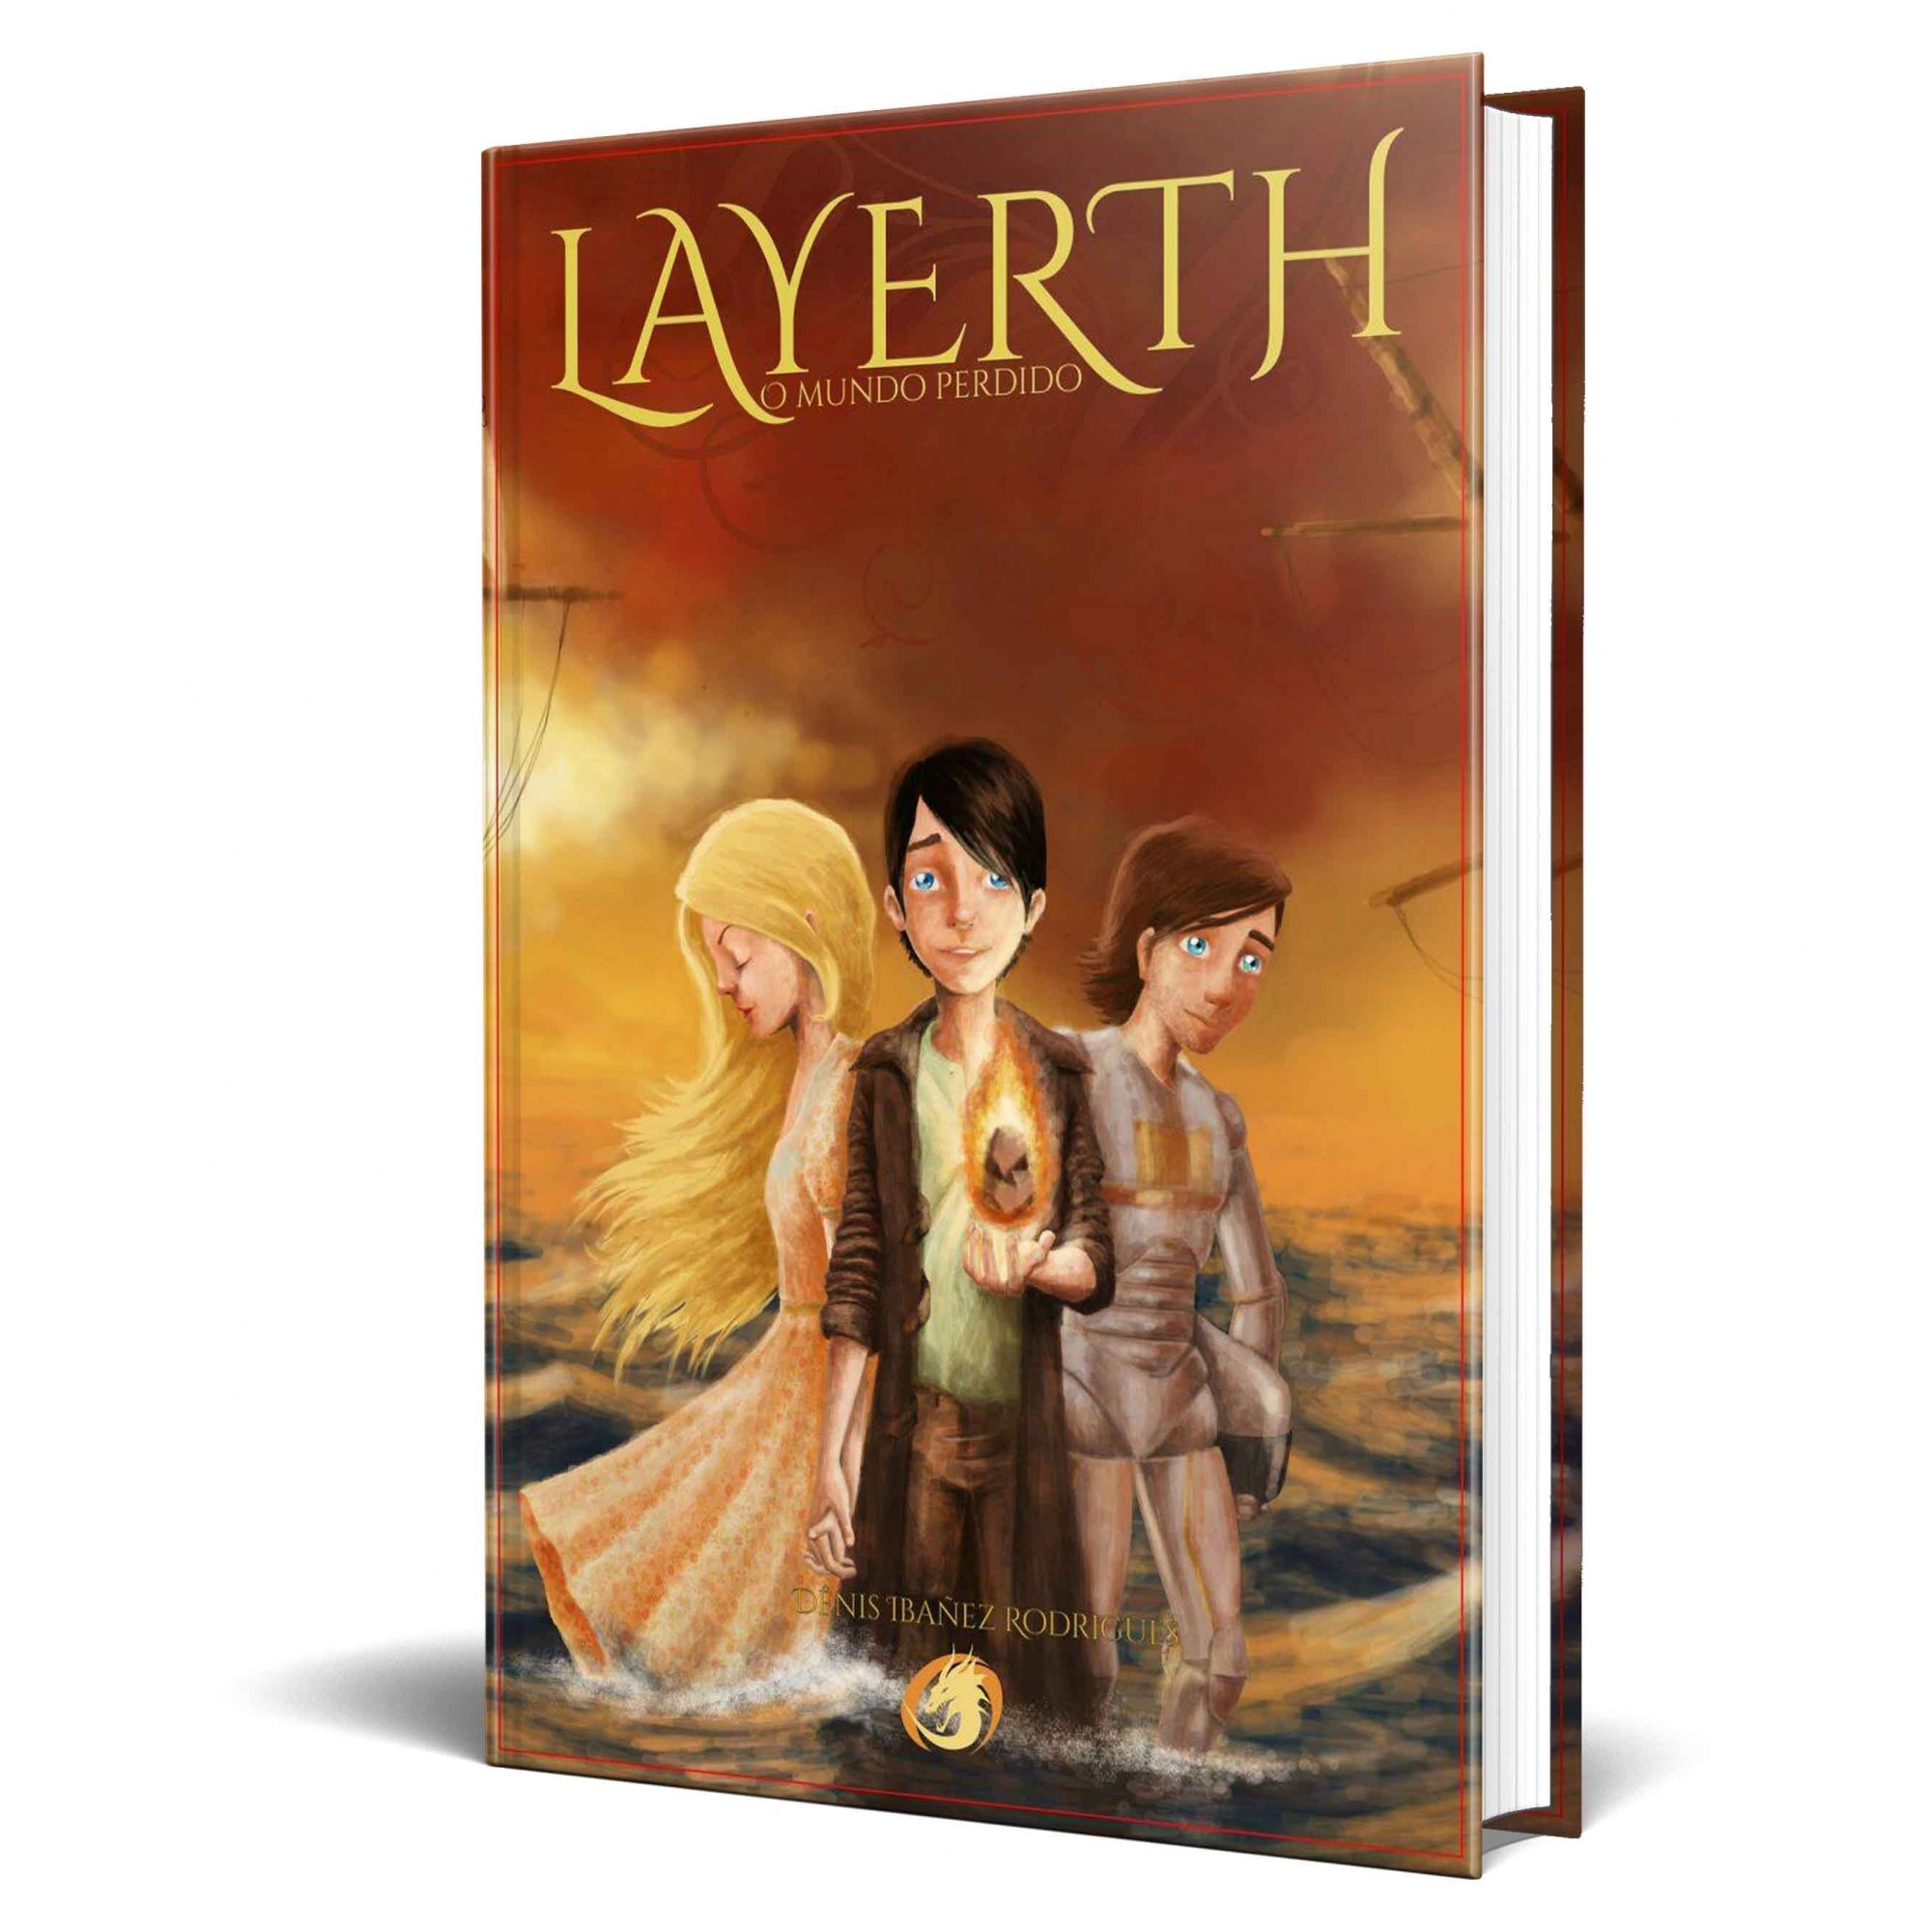 Livro Layerth - O Mundo Perdido